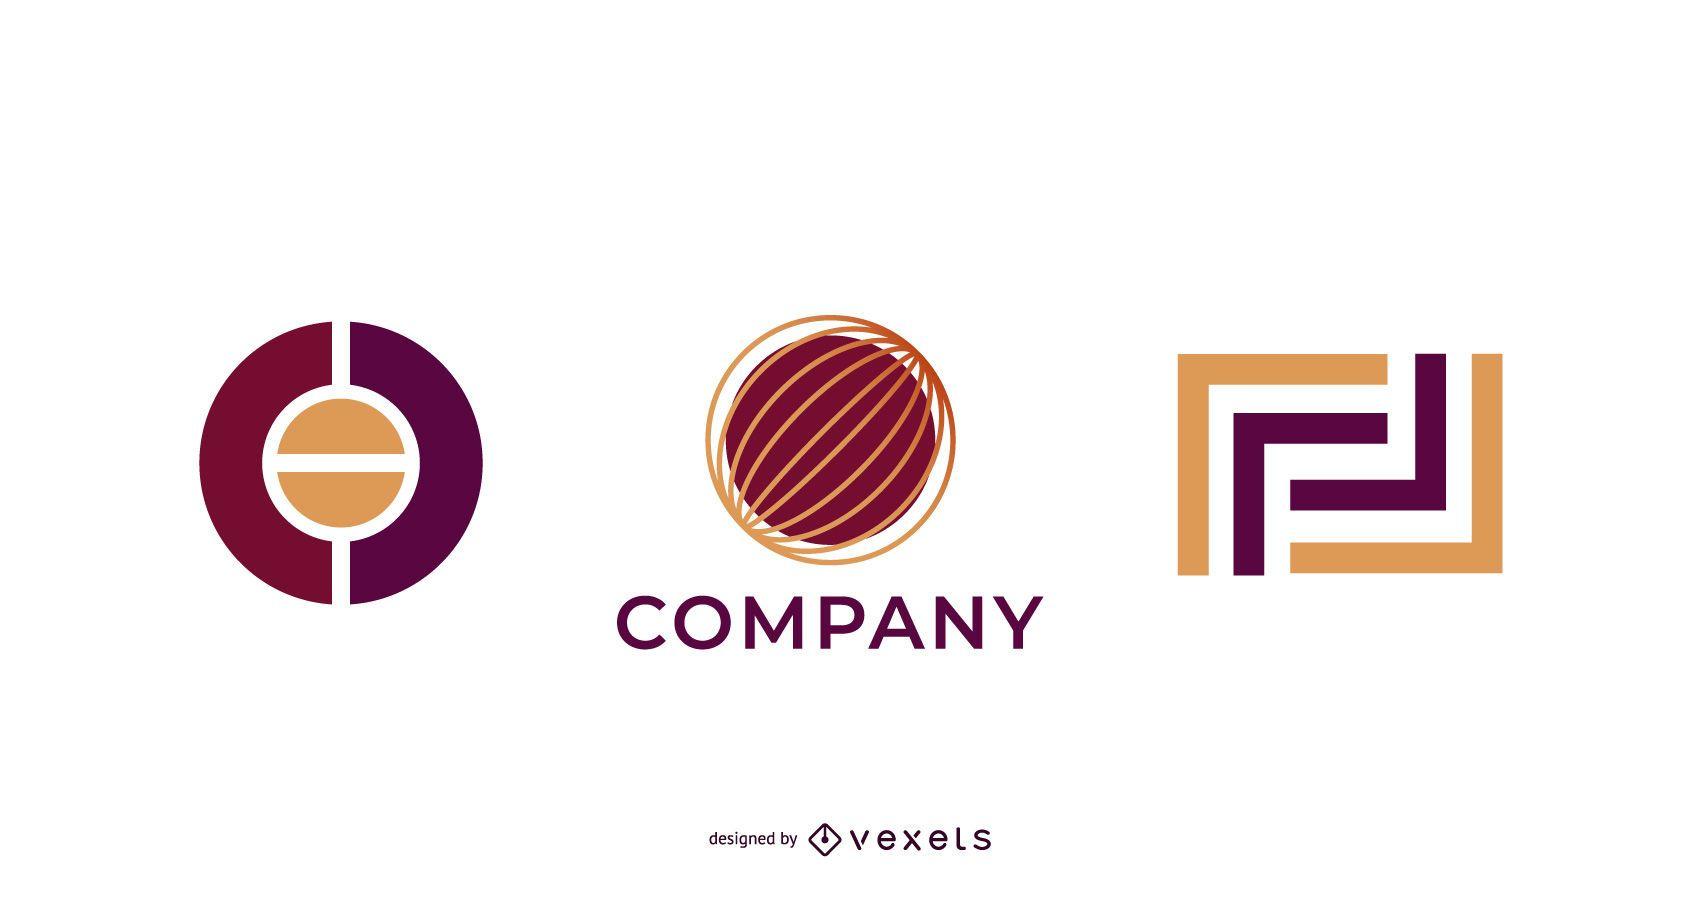 Una amplia gama de vectores de plantillas de logotipos gráficos